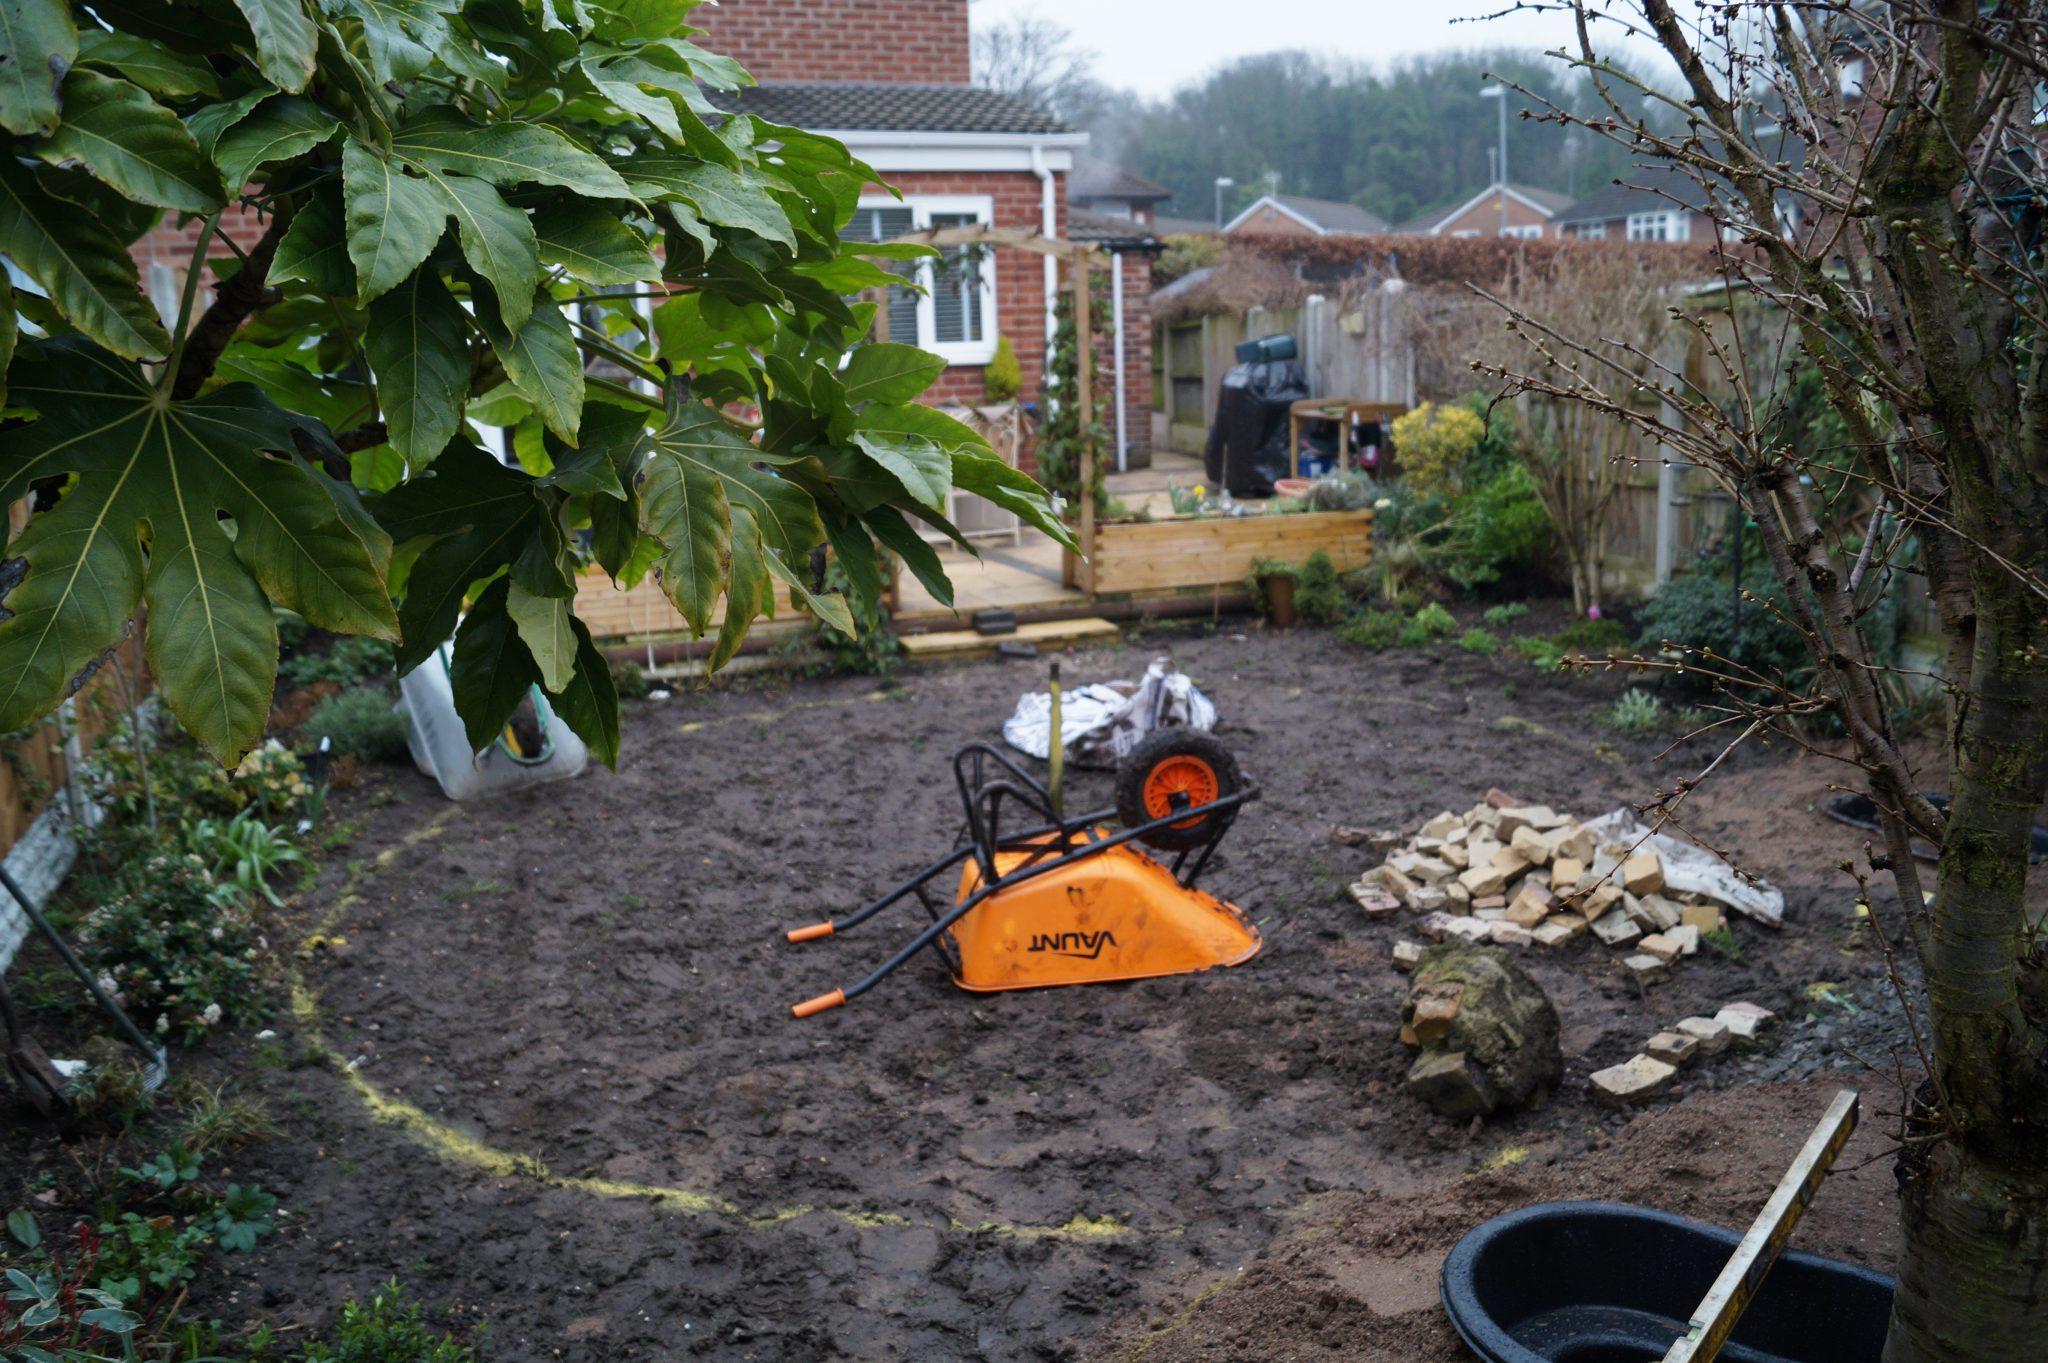 Garden in progress. Wheel barrow upside down